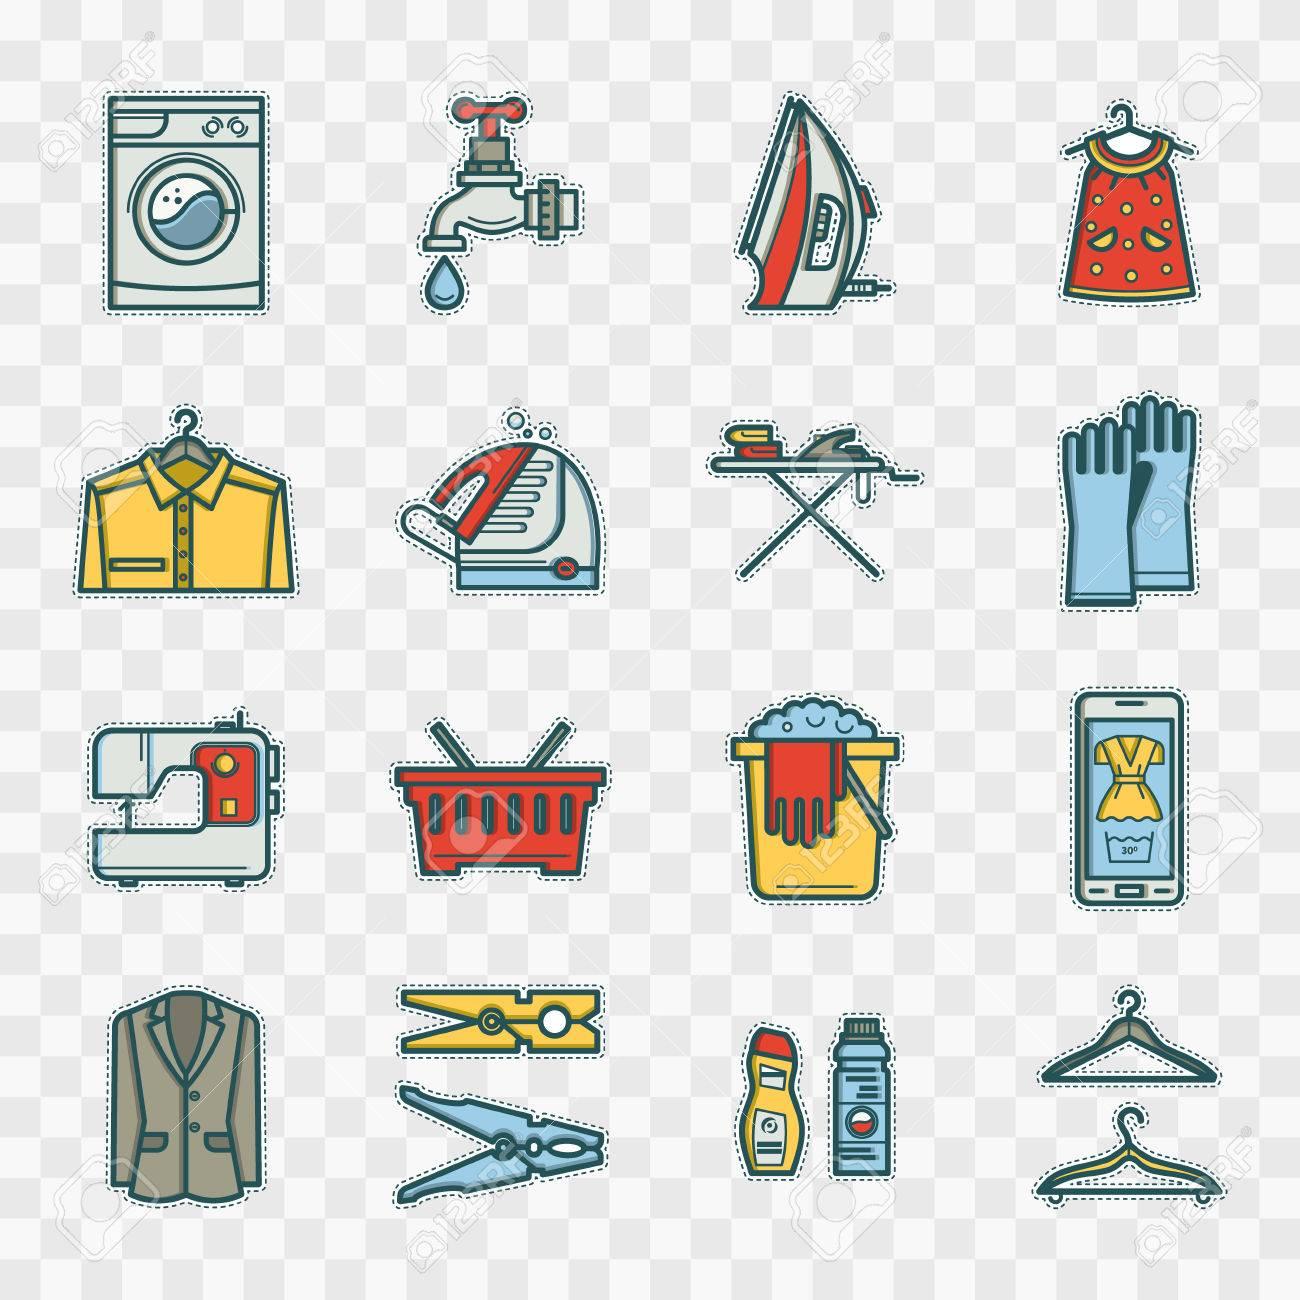 stickers buanderie situe dans un style lineaire machine a laver panier linge fer a repasser concept de nettoyage le nettoyage a sec